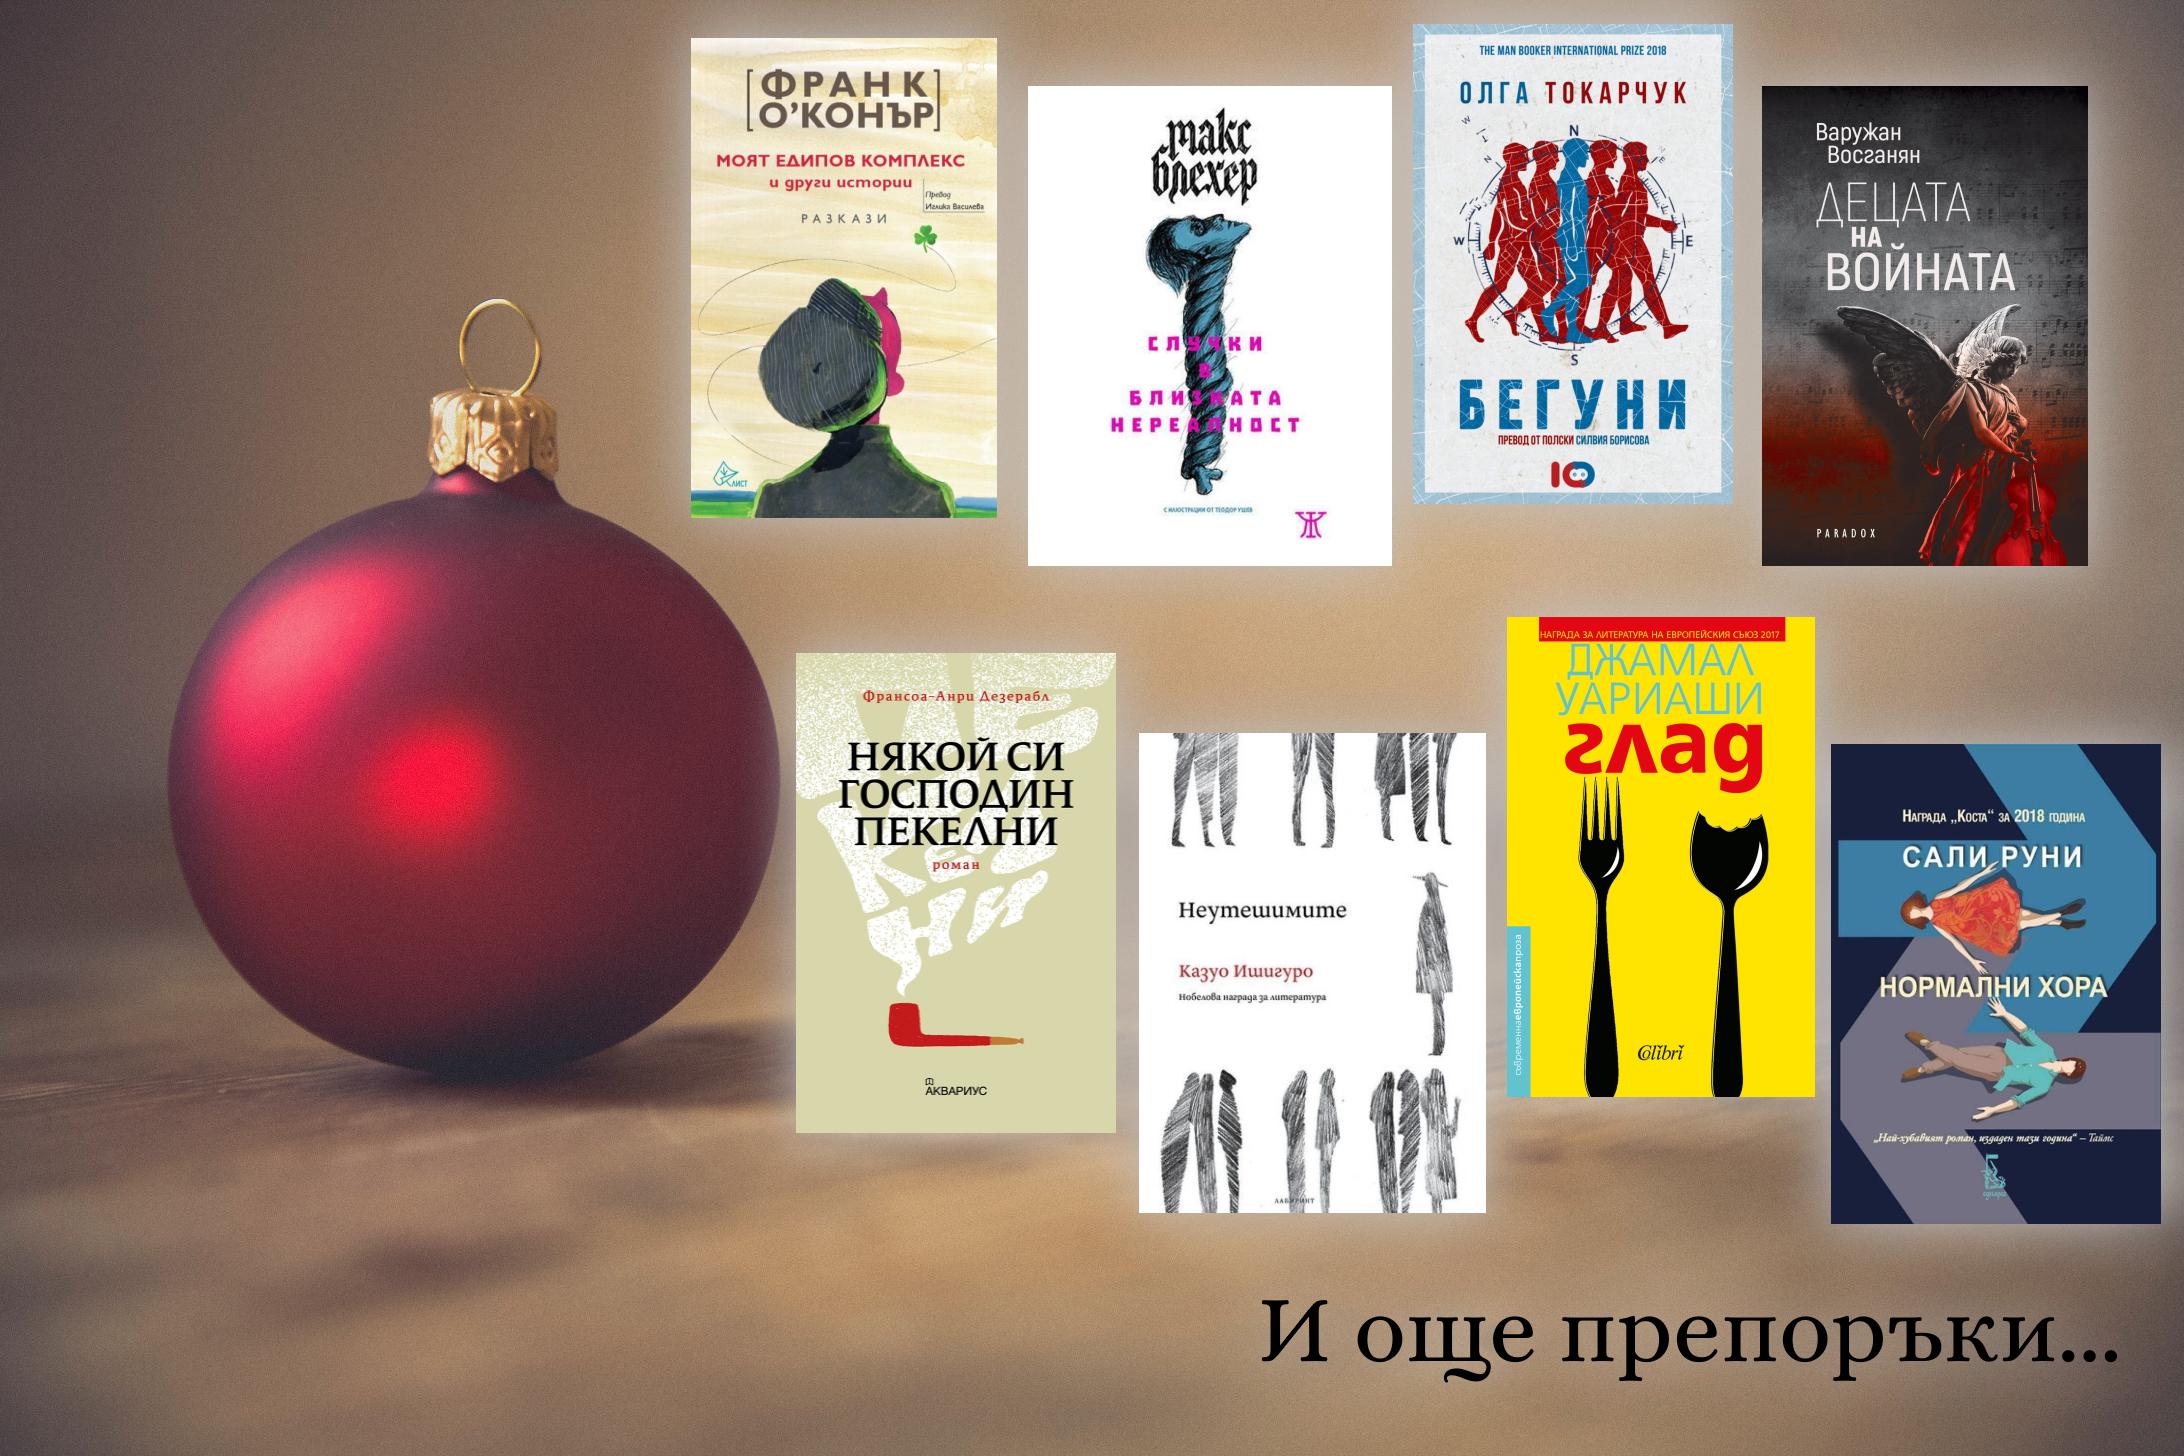 Моят избор: Важните преводни книги, излезли през 2019 г.